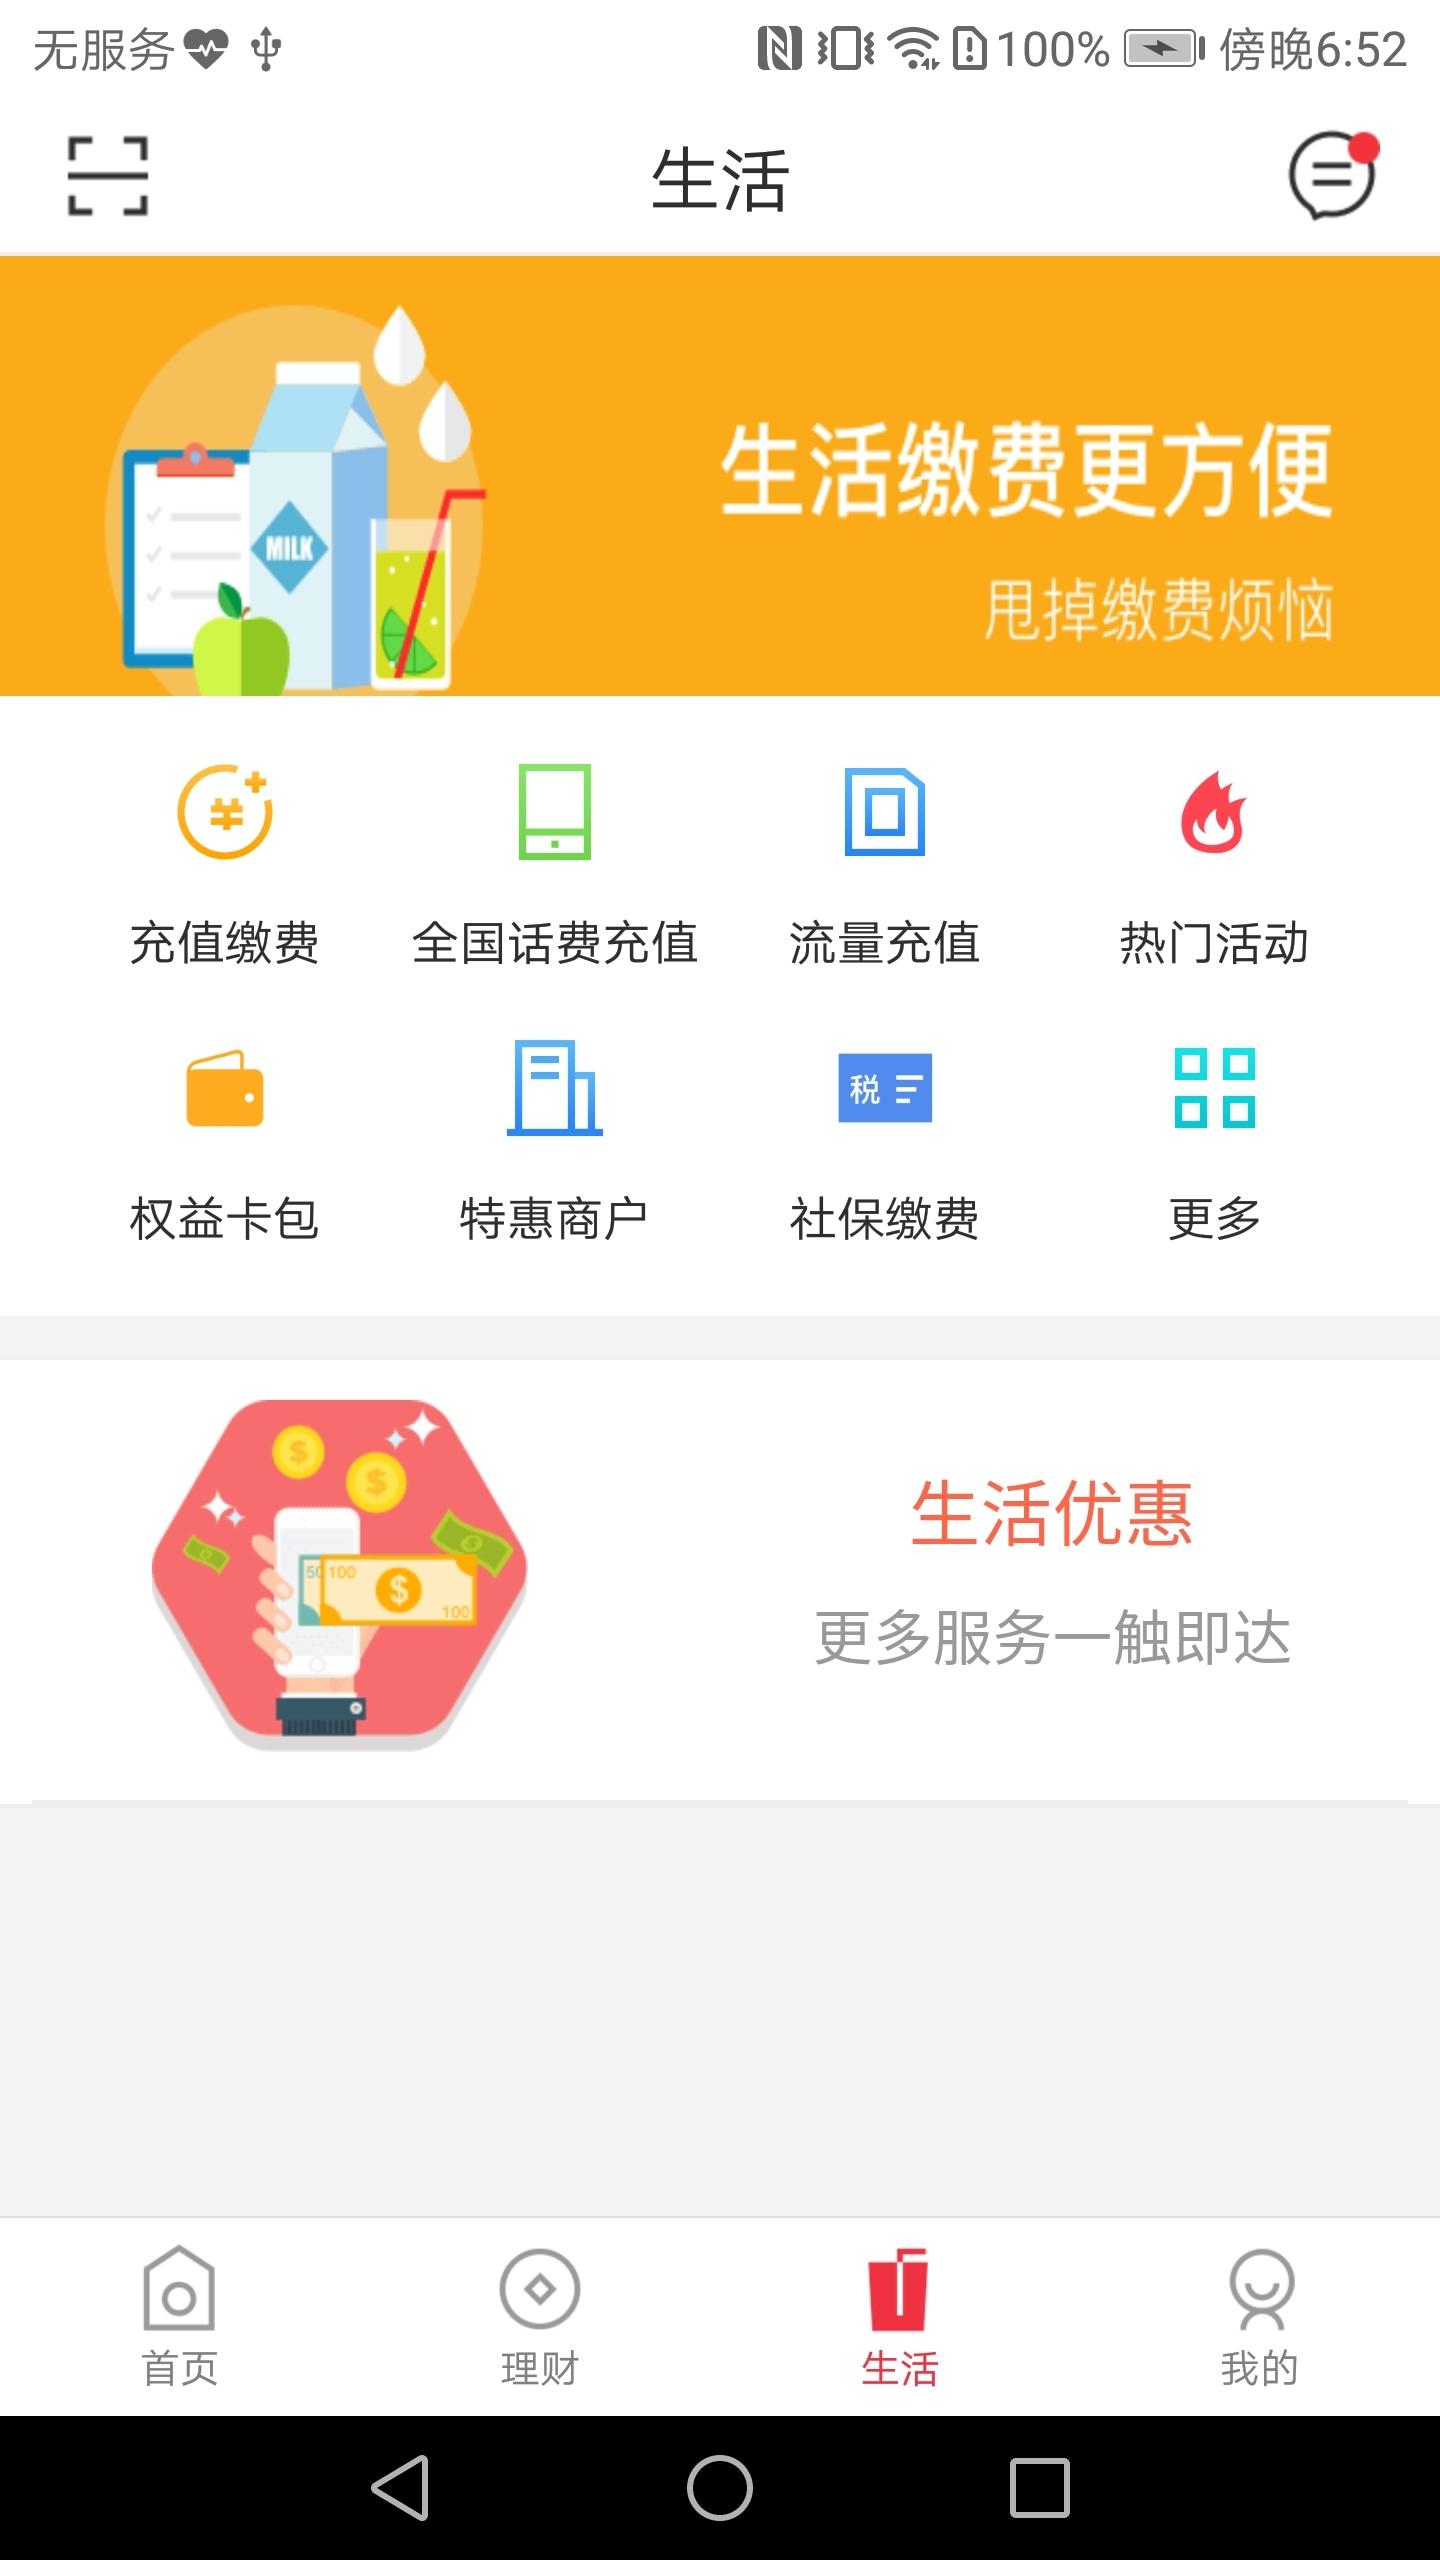 潍坊银行软件截图2